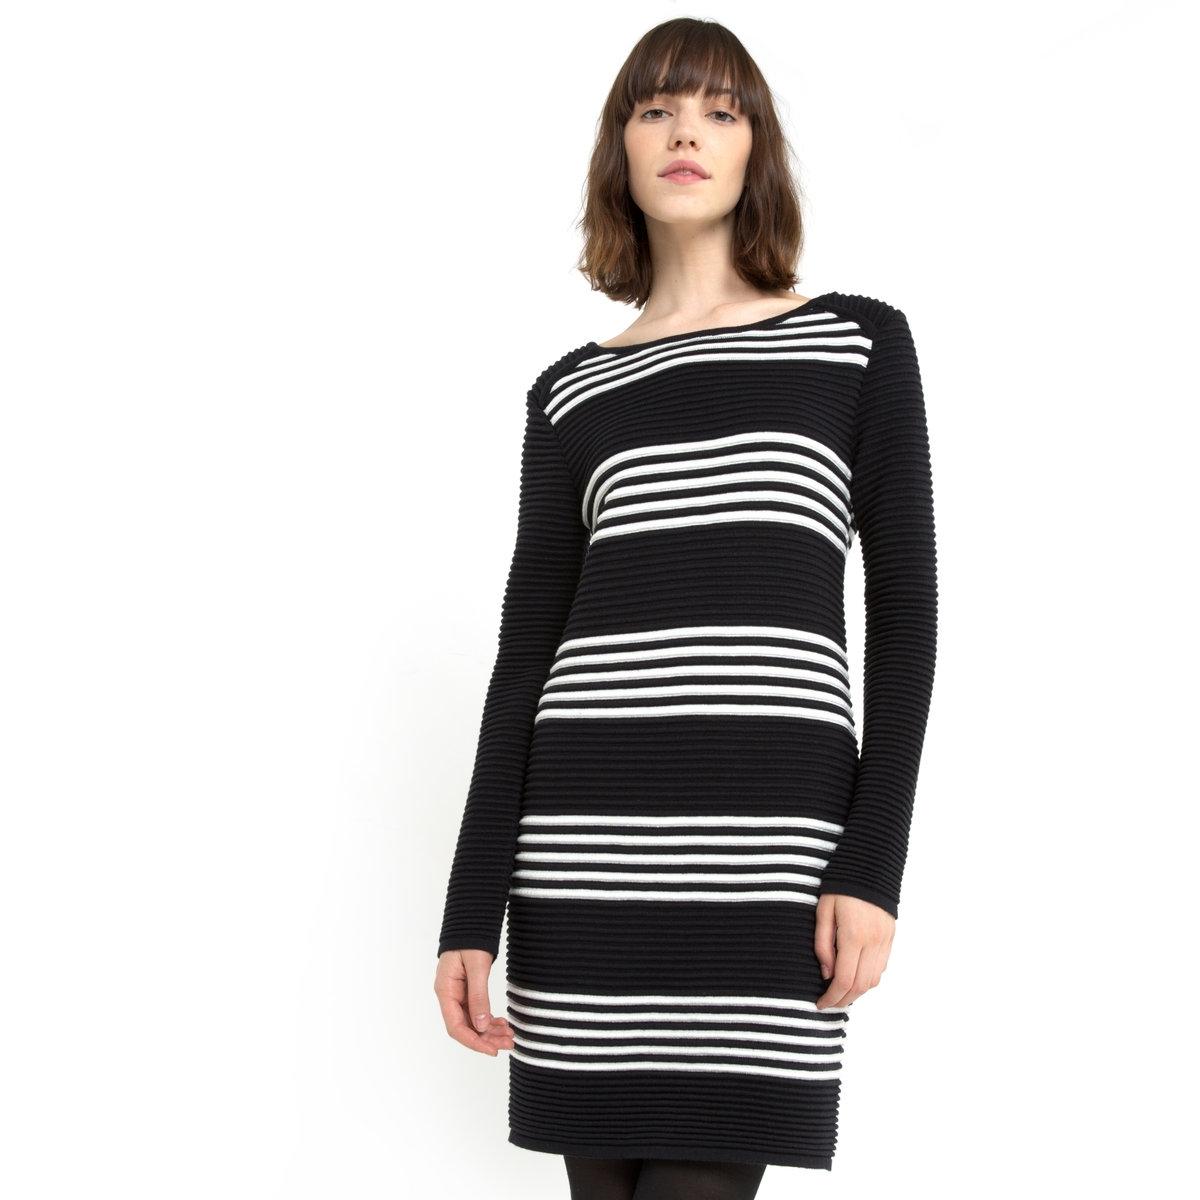 Платье из трикотажаПлатье-пуловер Mademoiselle R в морском стиле. Трикотаж, 50% хлопка, 50% акрила. Длинные рукава. Закругленный вырез. Длина ок. 88 см.<br><br>Цвет: в полоску черный<br>Размер: 34/36 (FR) - 40/42 (RUS)